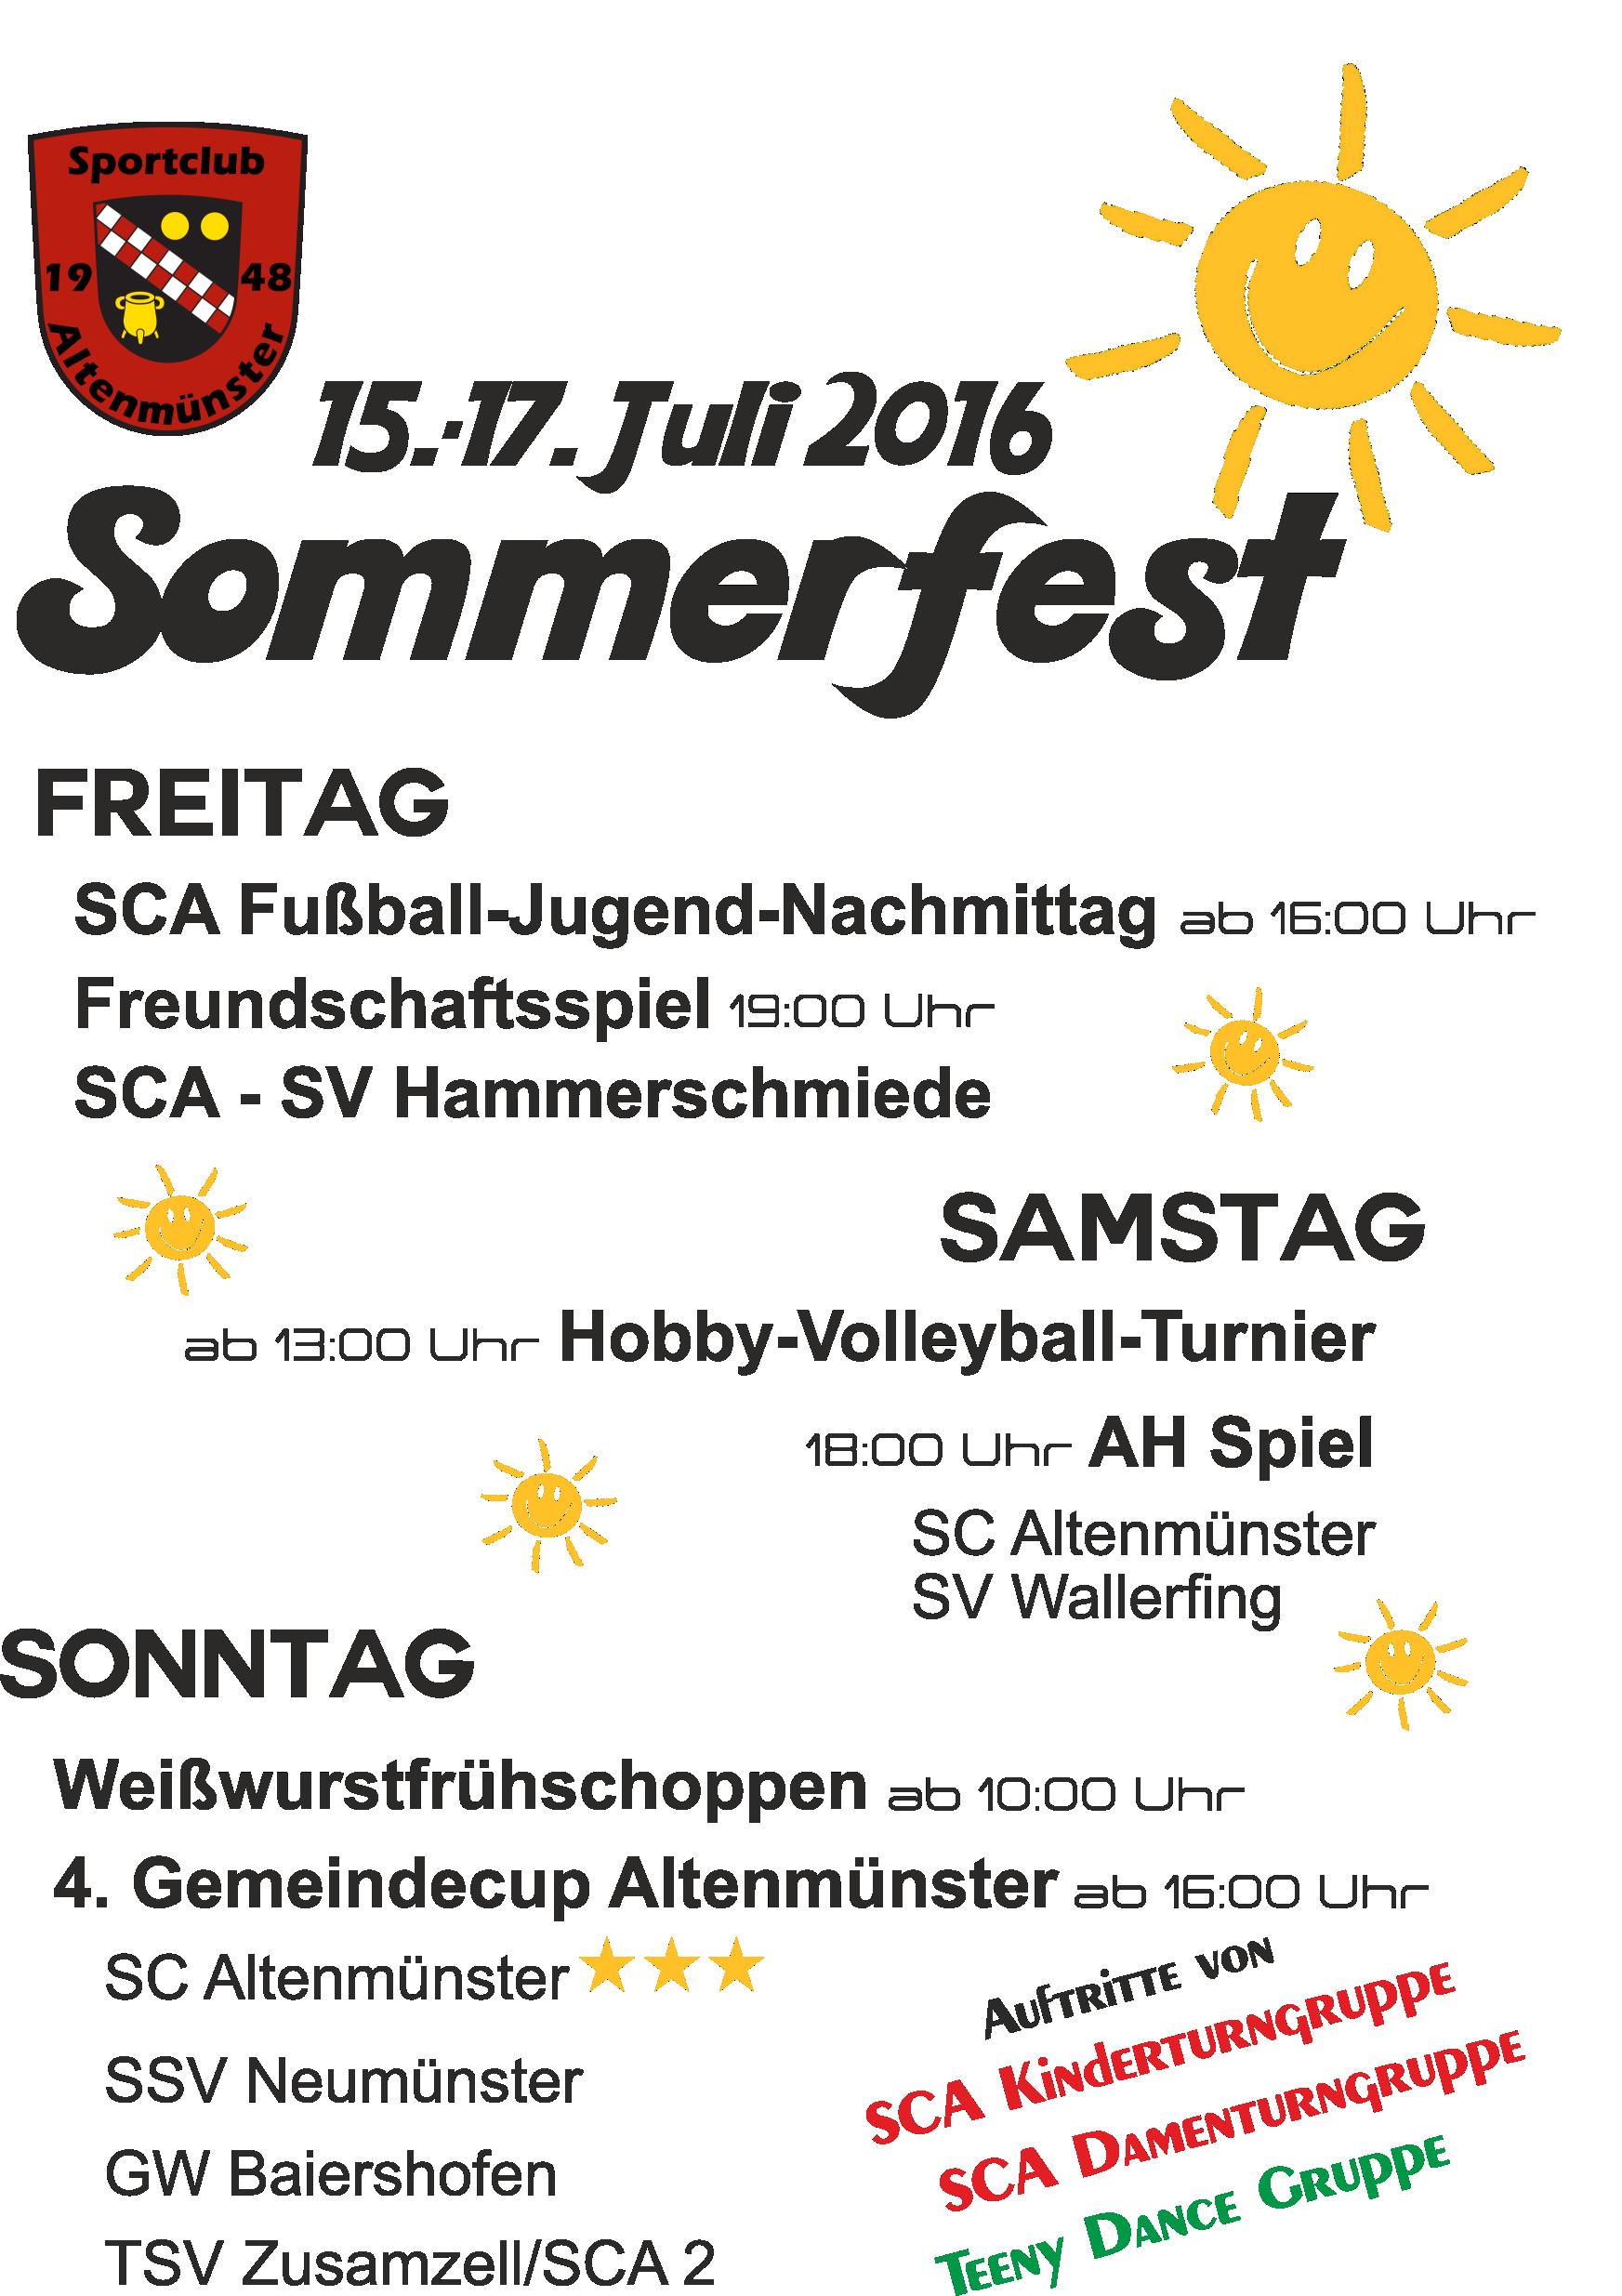 sca_sommerfest_2016